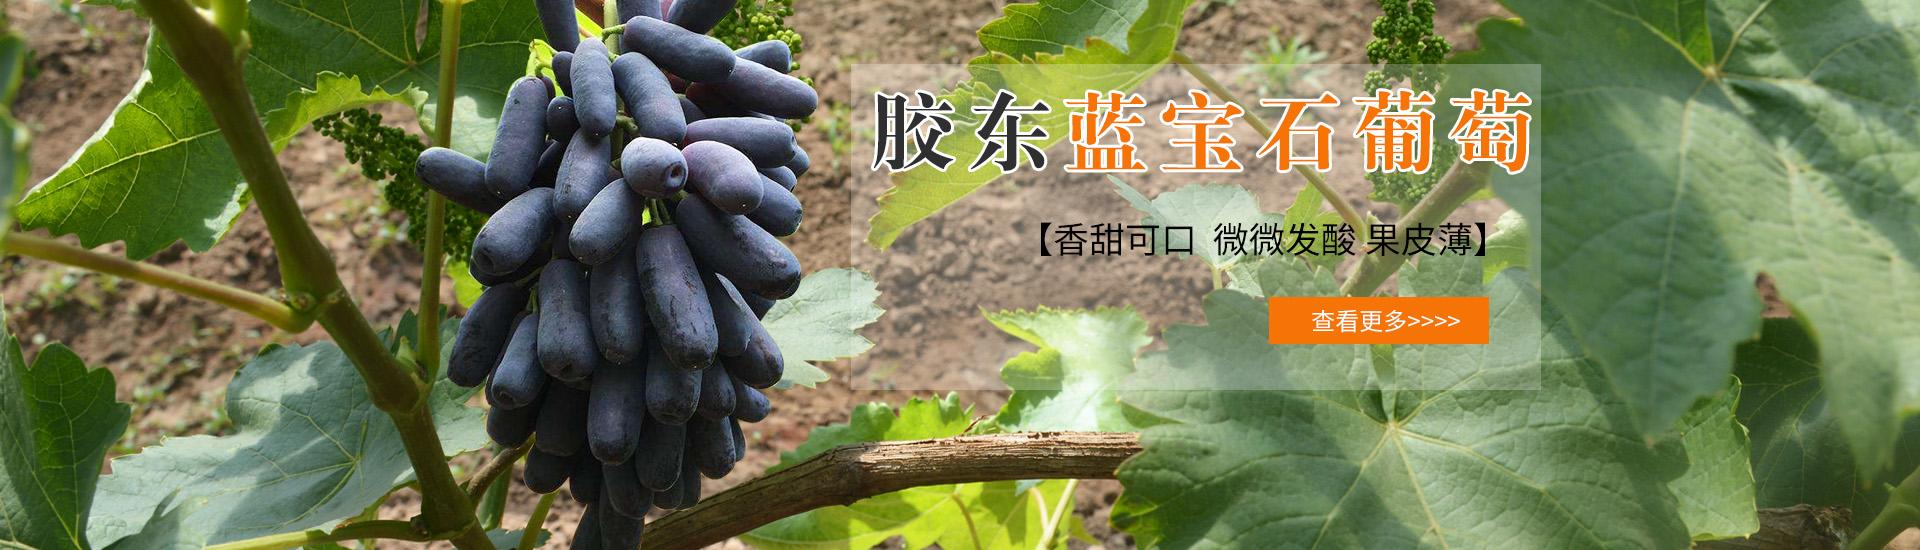 膠東藍寶石葡萄